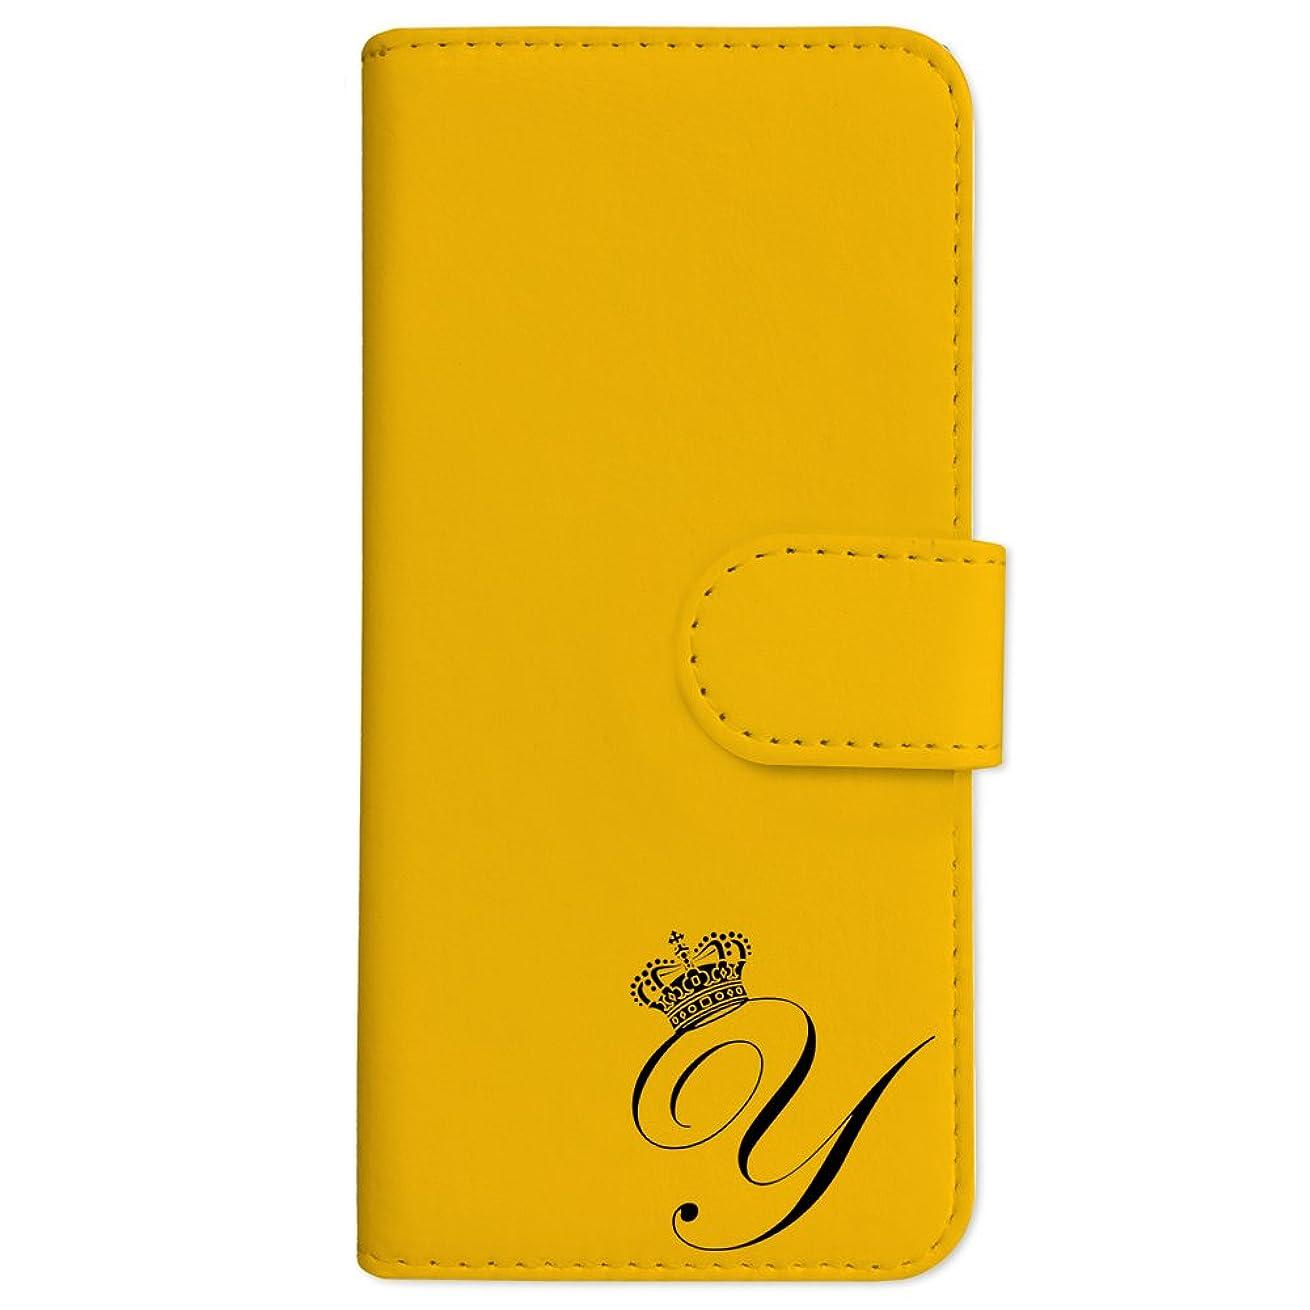 計画的勝利製造sslink iPodTouch5 アイポッドタッチ5 手帳型 スマホ ケース クラウン イニシャル 「Y」 黒文字 (イエロー) アルファベット ロゴ エンブレム ダイアリータイプ 横開き カード収納 フリップ カバー スマートフォン